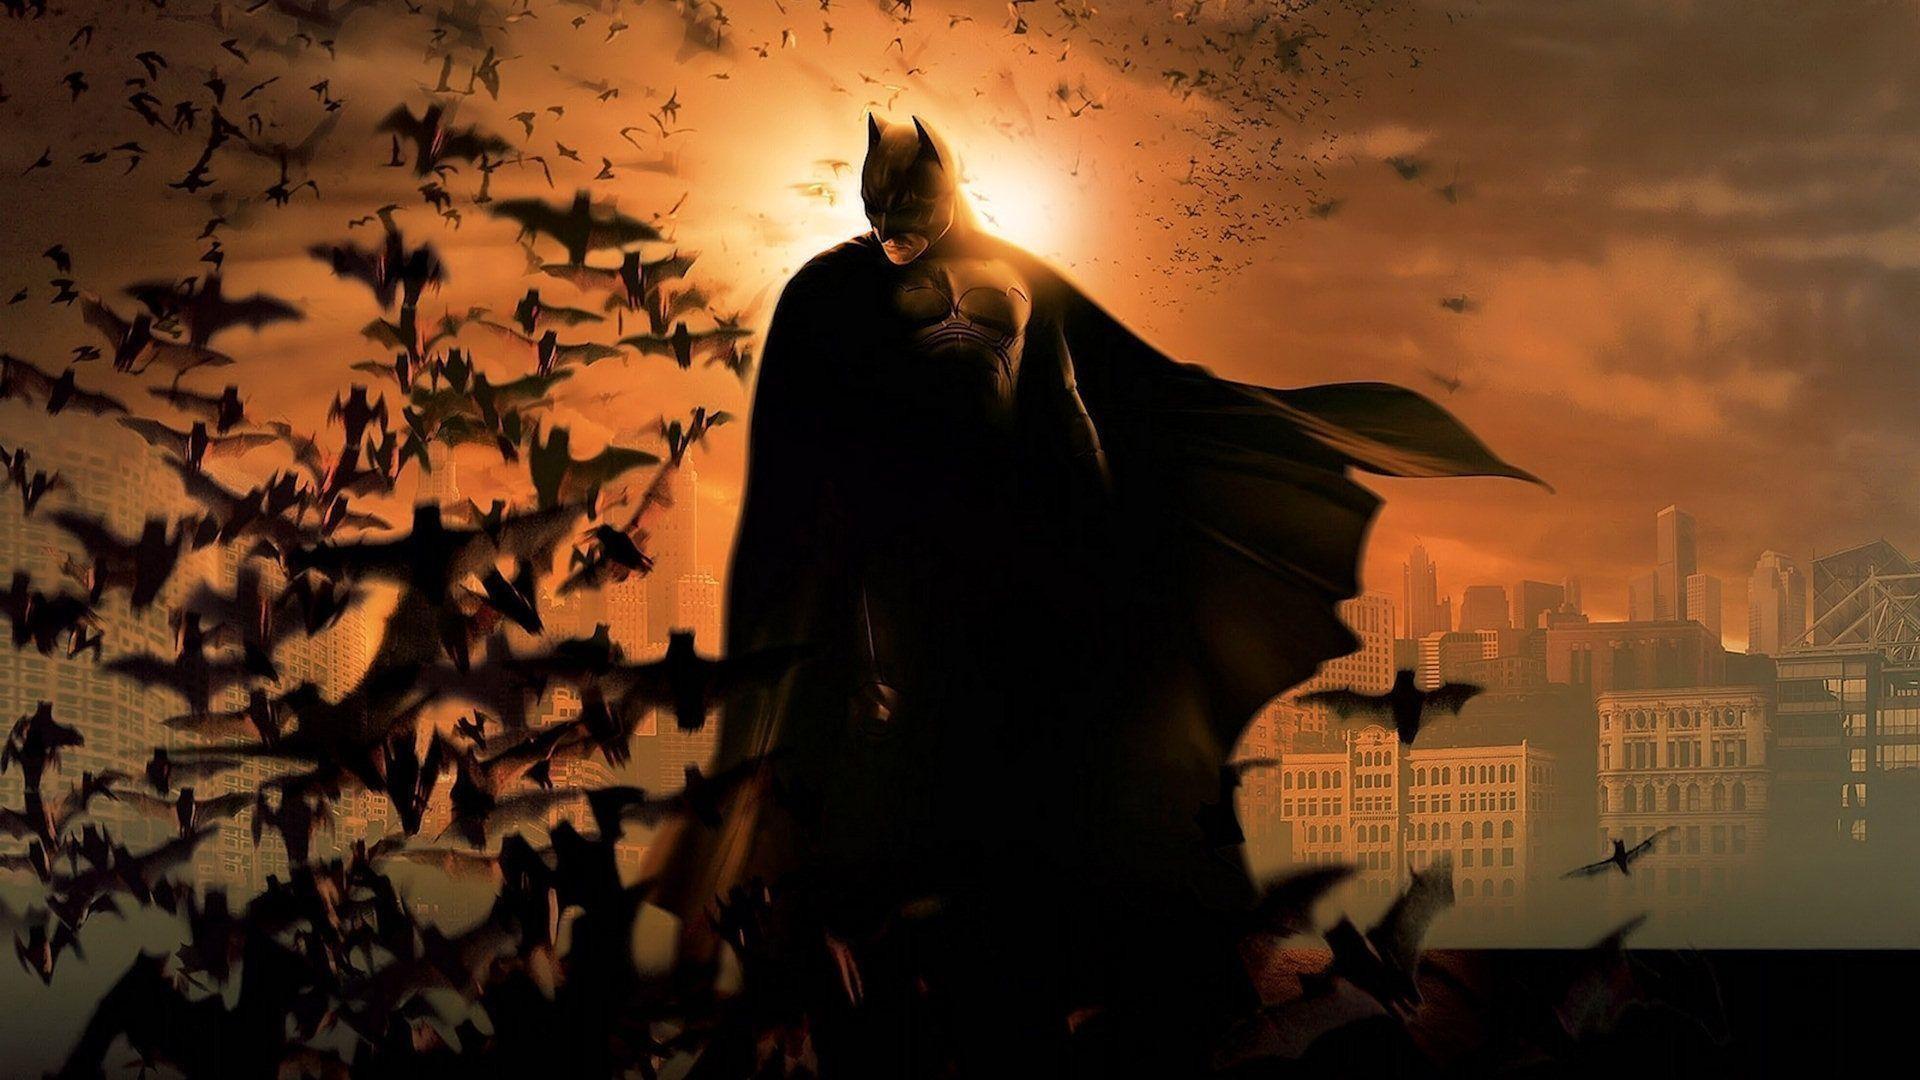 Res: 1920x1080, Wallpapers For > Batman Wallpaper  Hd